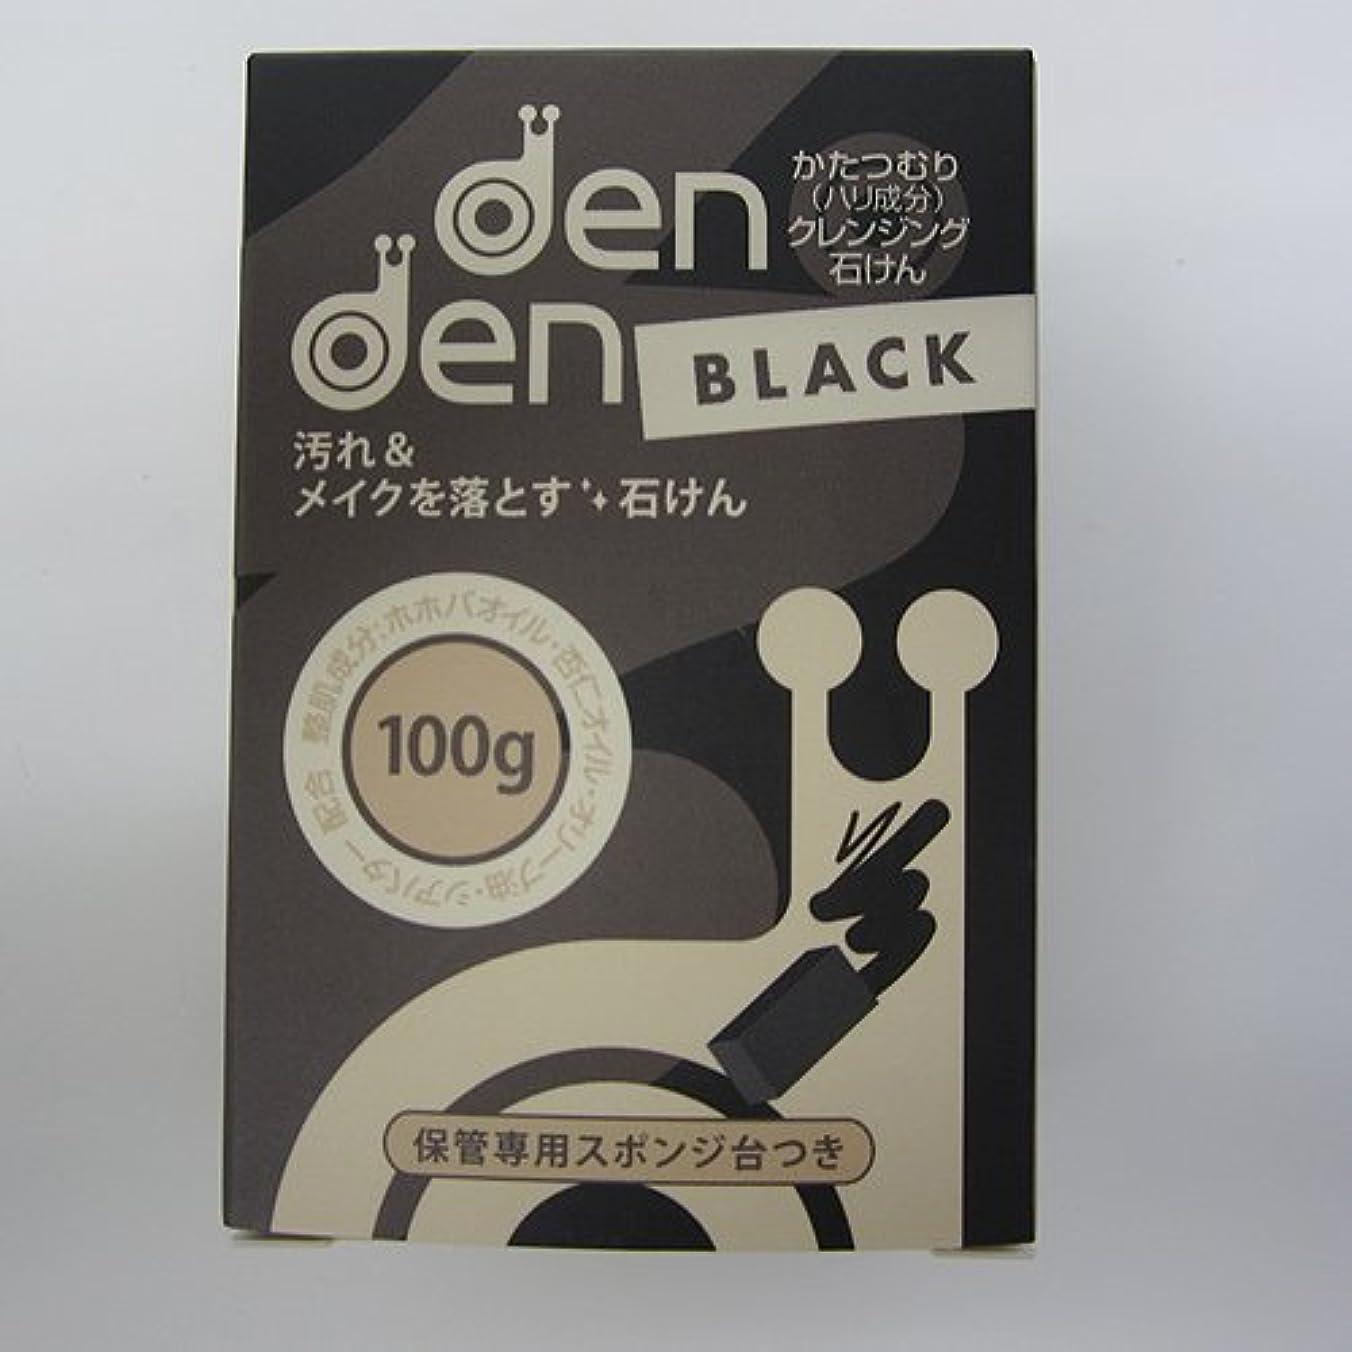 DenDen かたつむりクレンジング石けん デンデンブラック